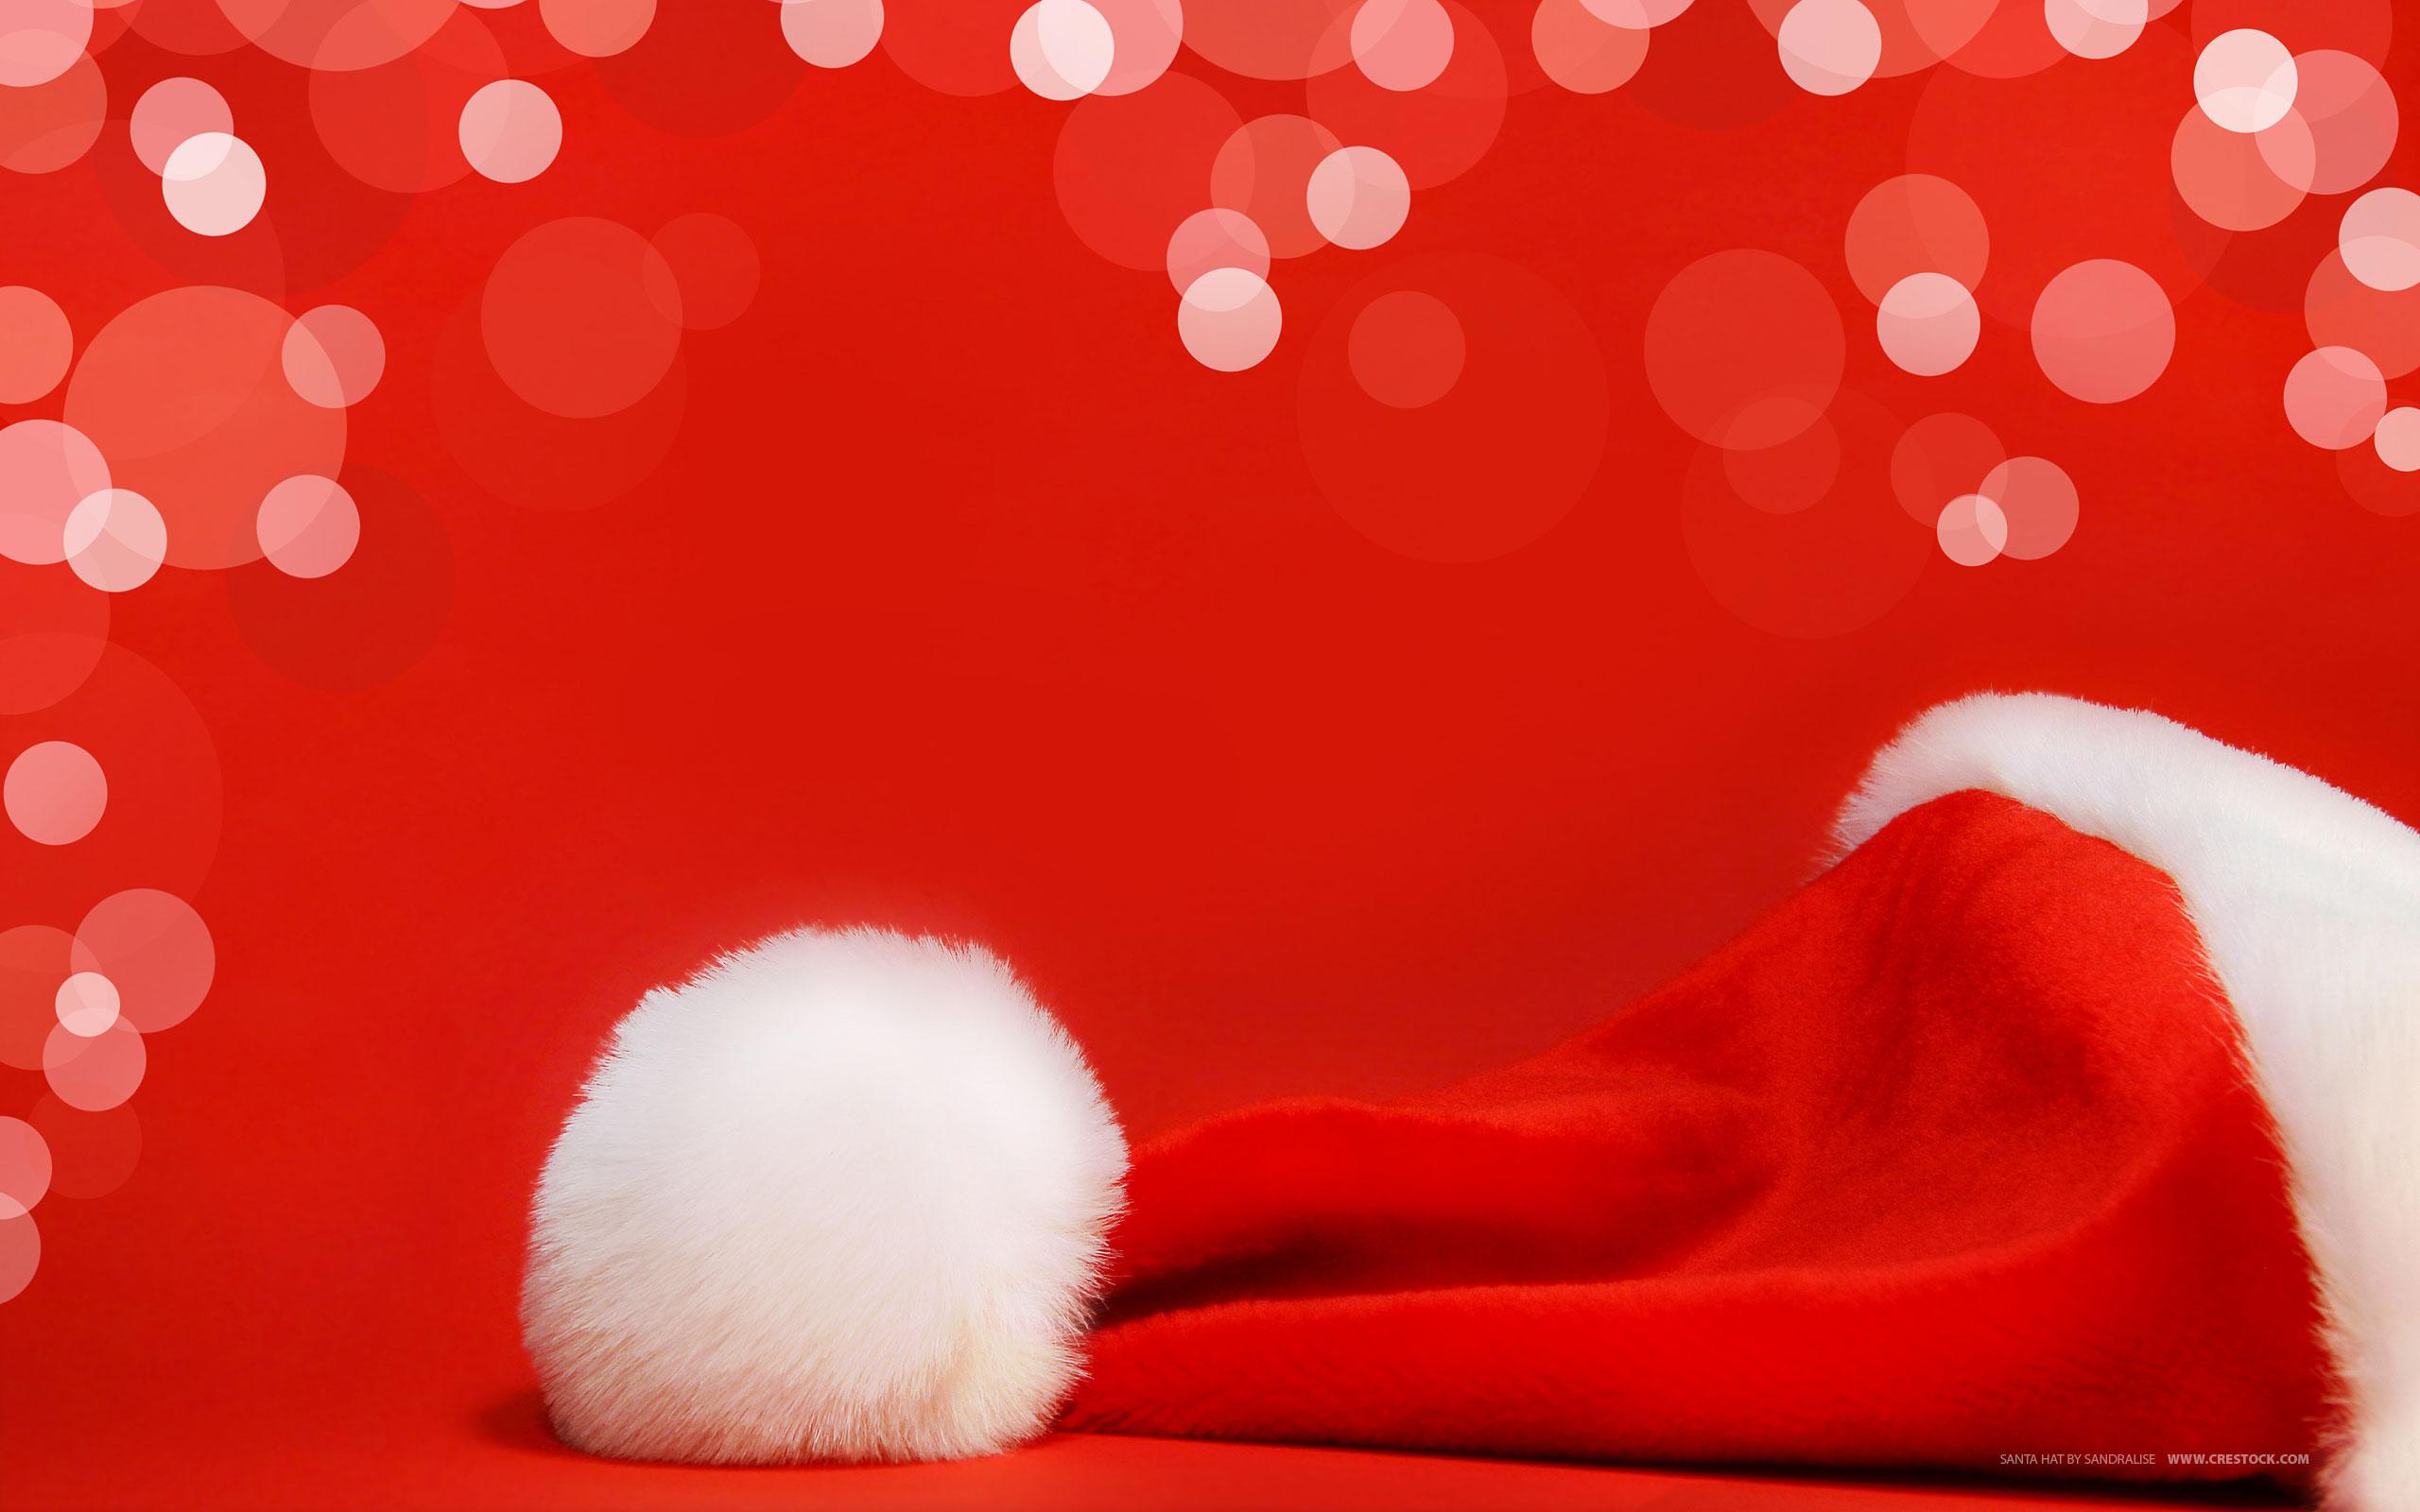 On Santa